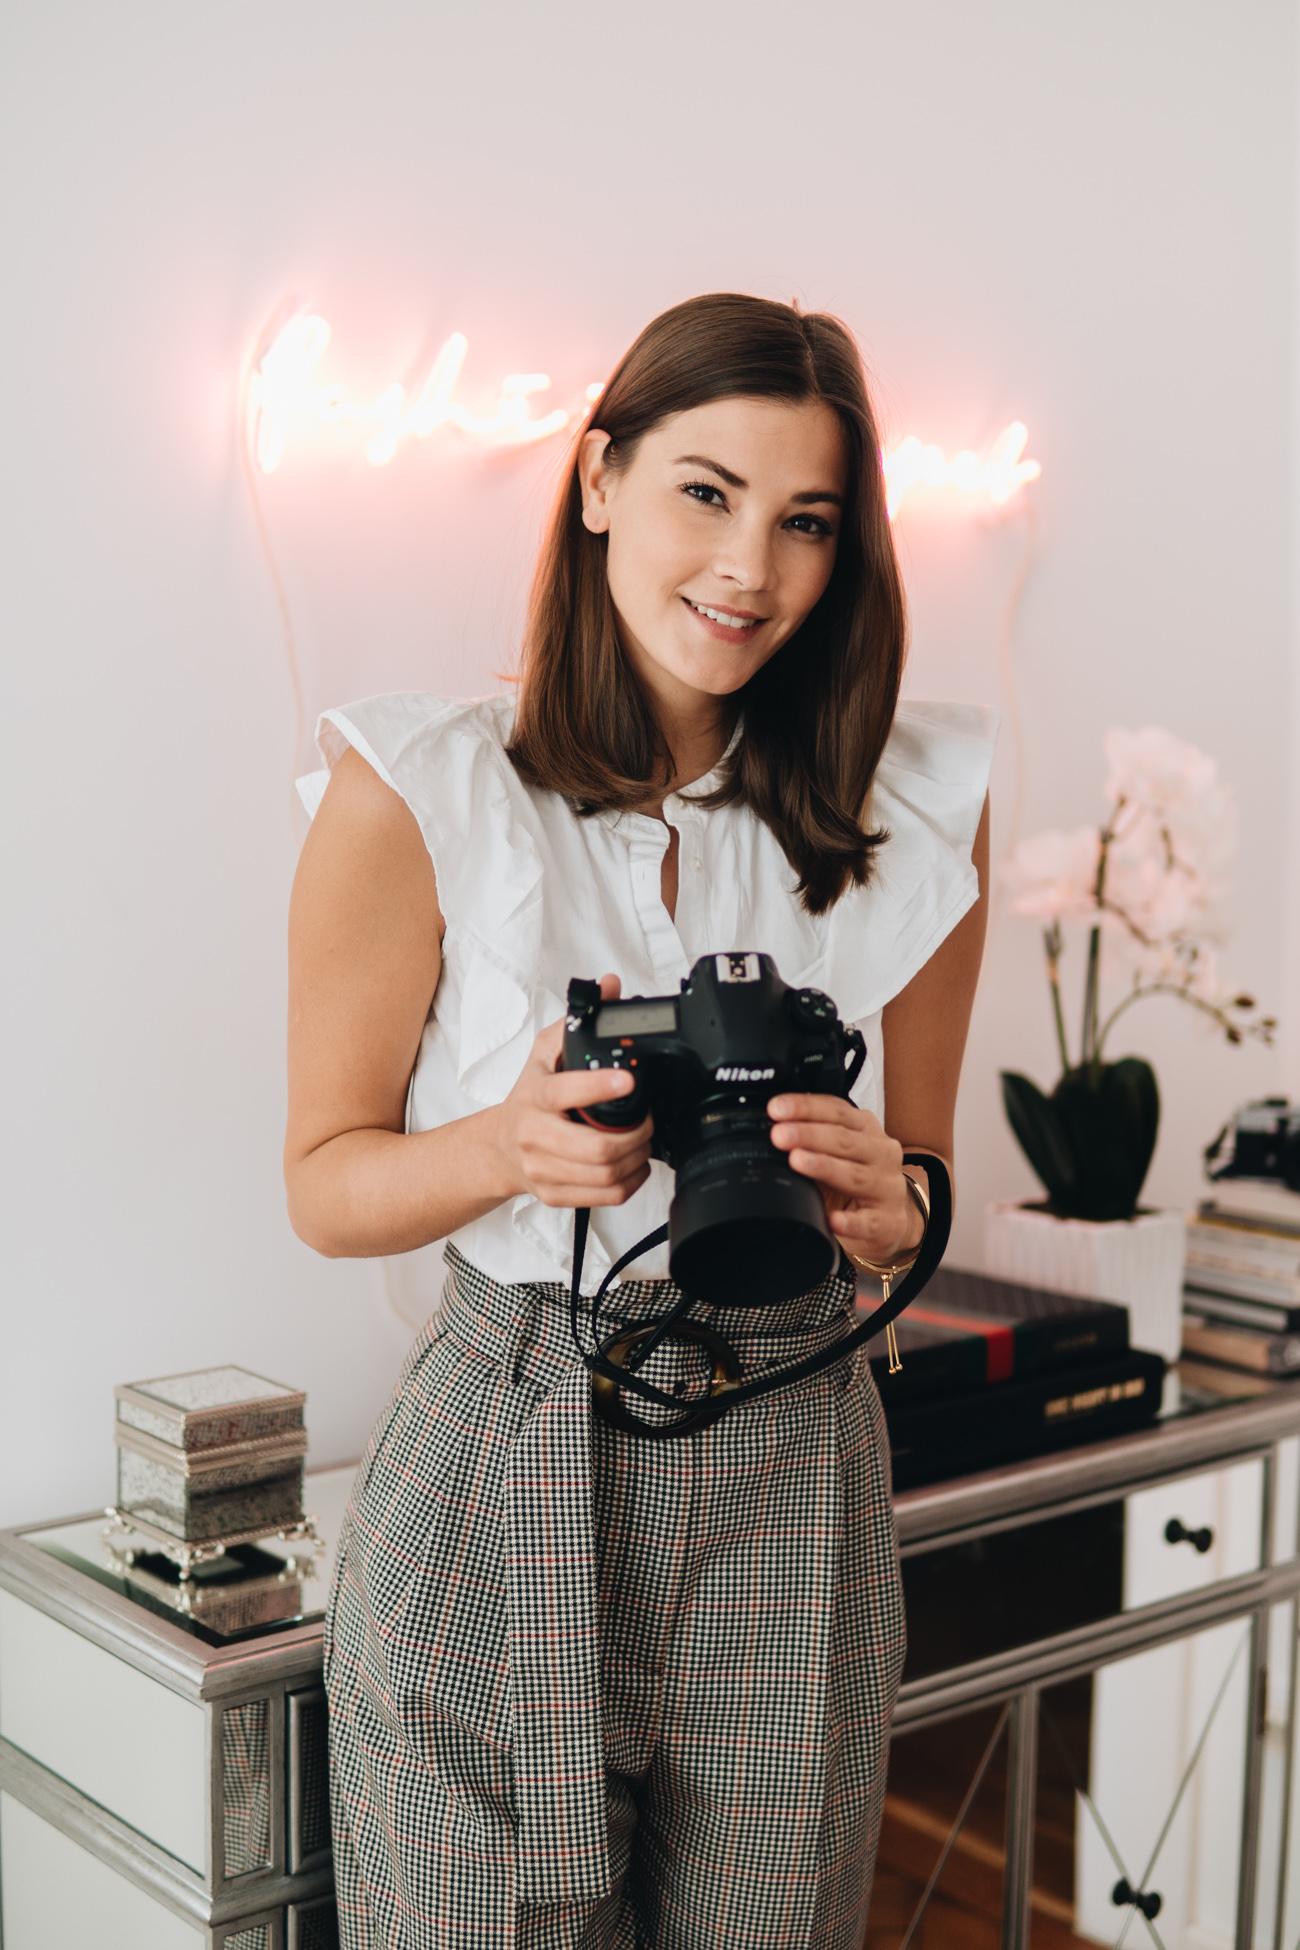 Nikon D850 Erfahrungsbericht